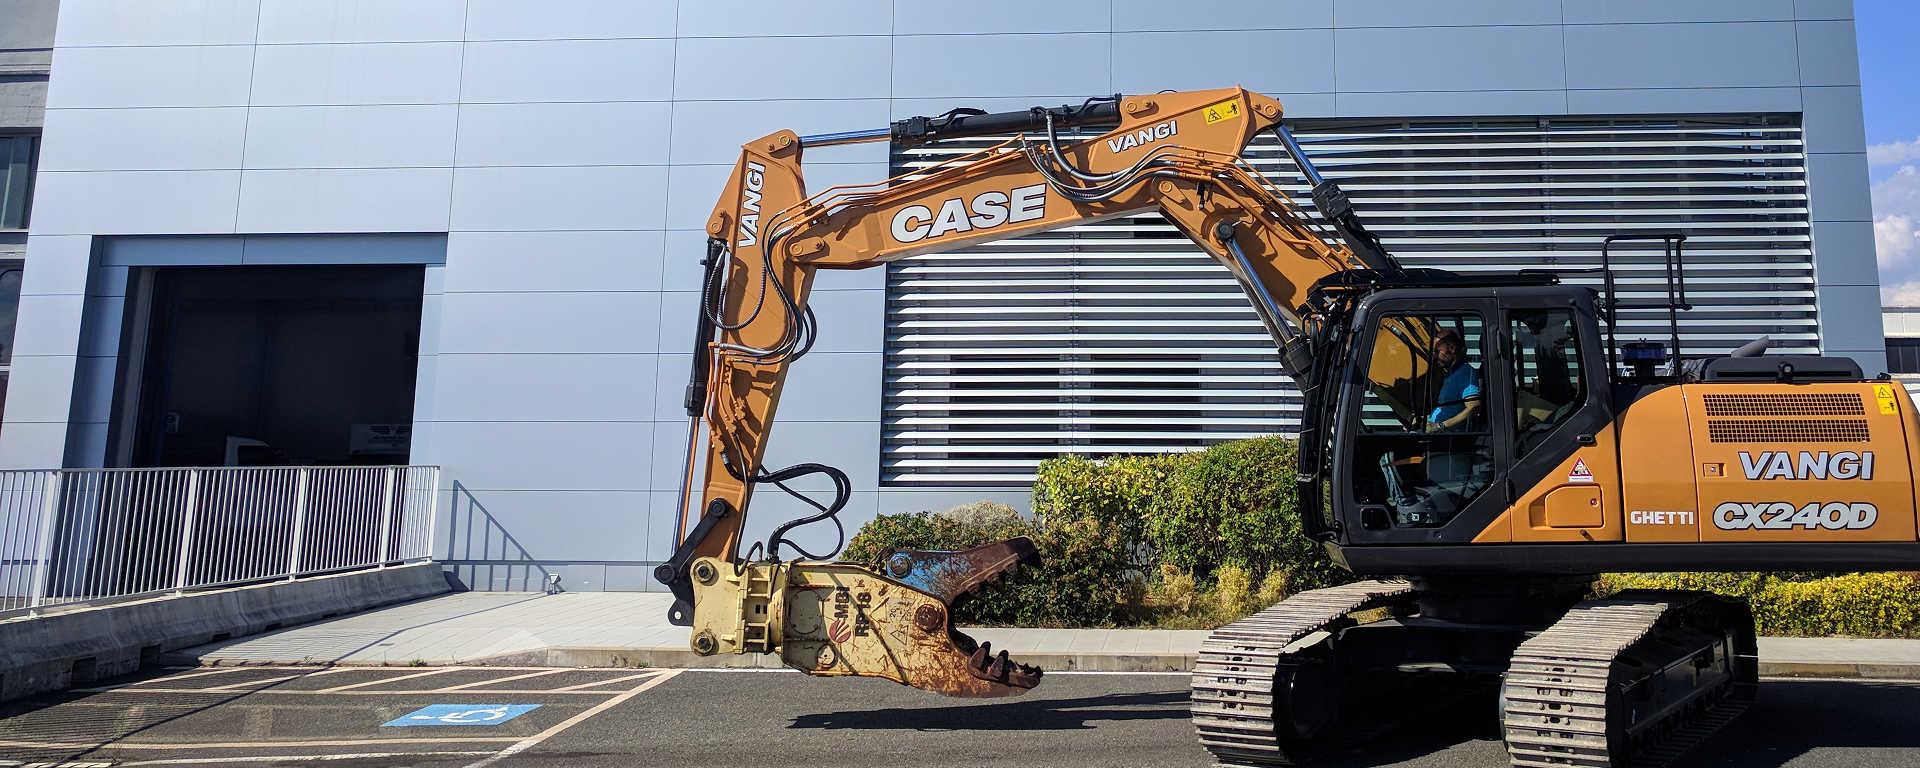 Vangi escavatore CASE CX240D